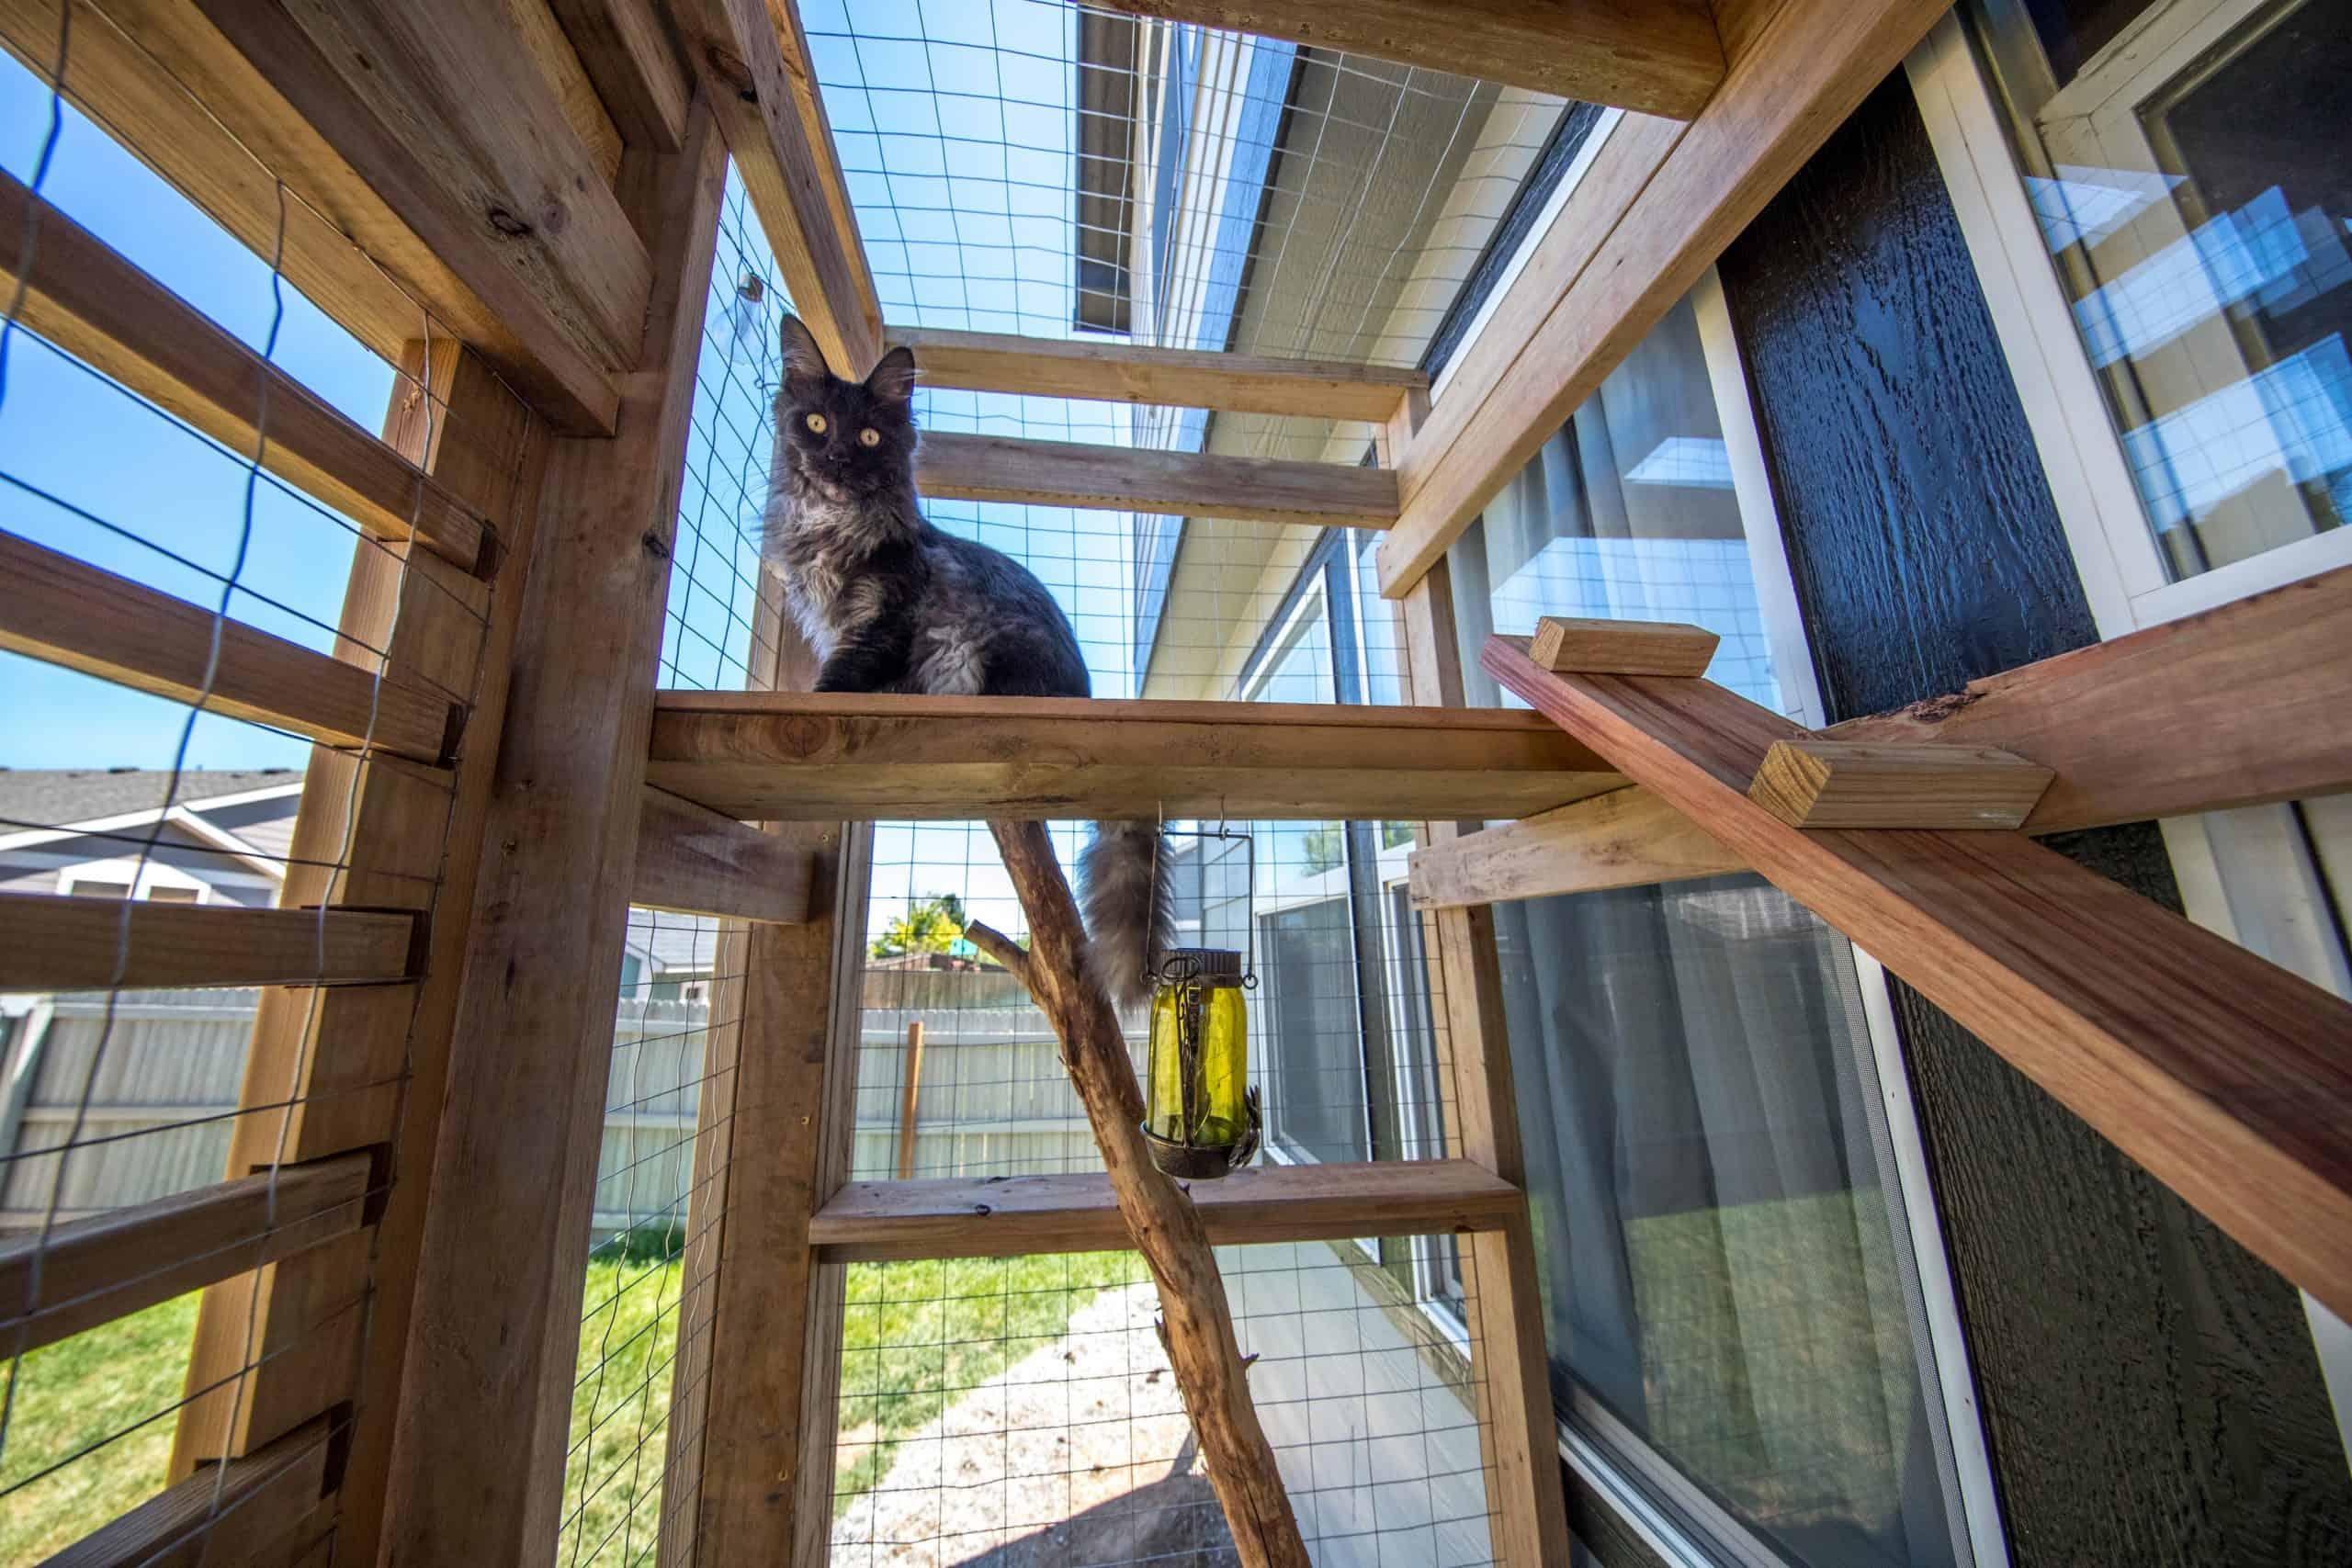 maine coon cat in cat topia catio